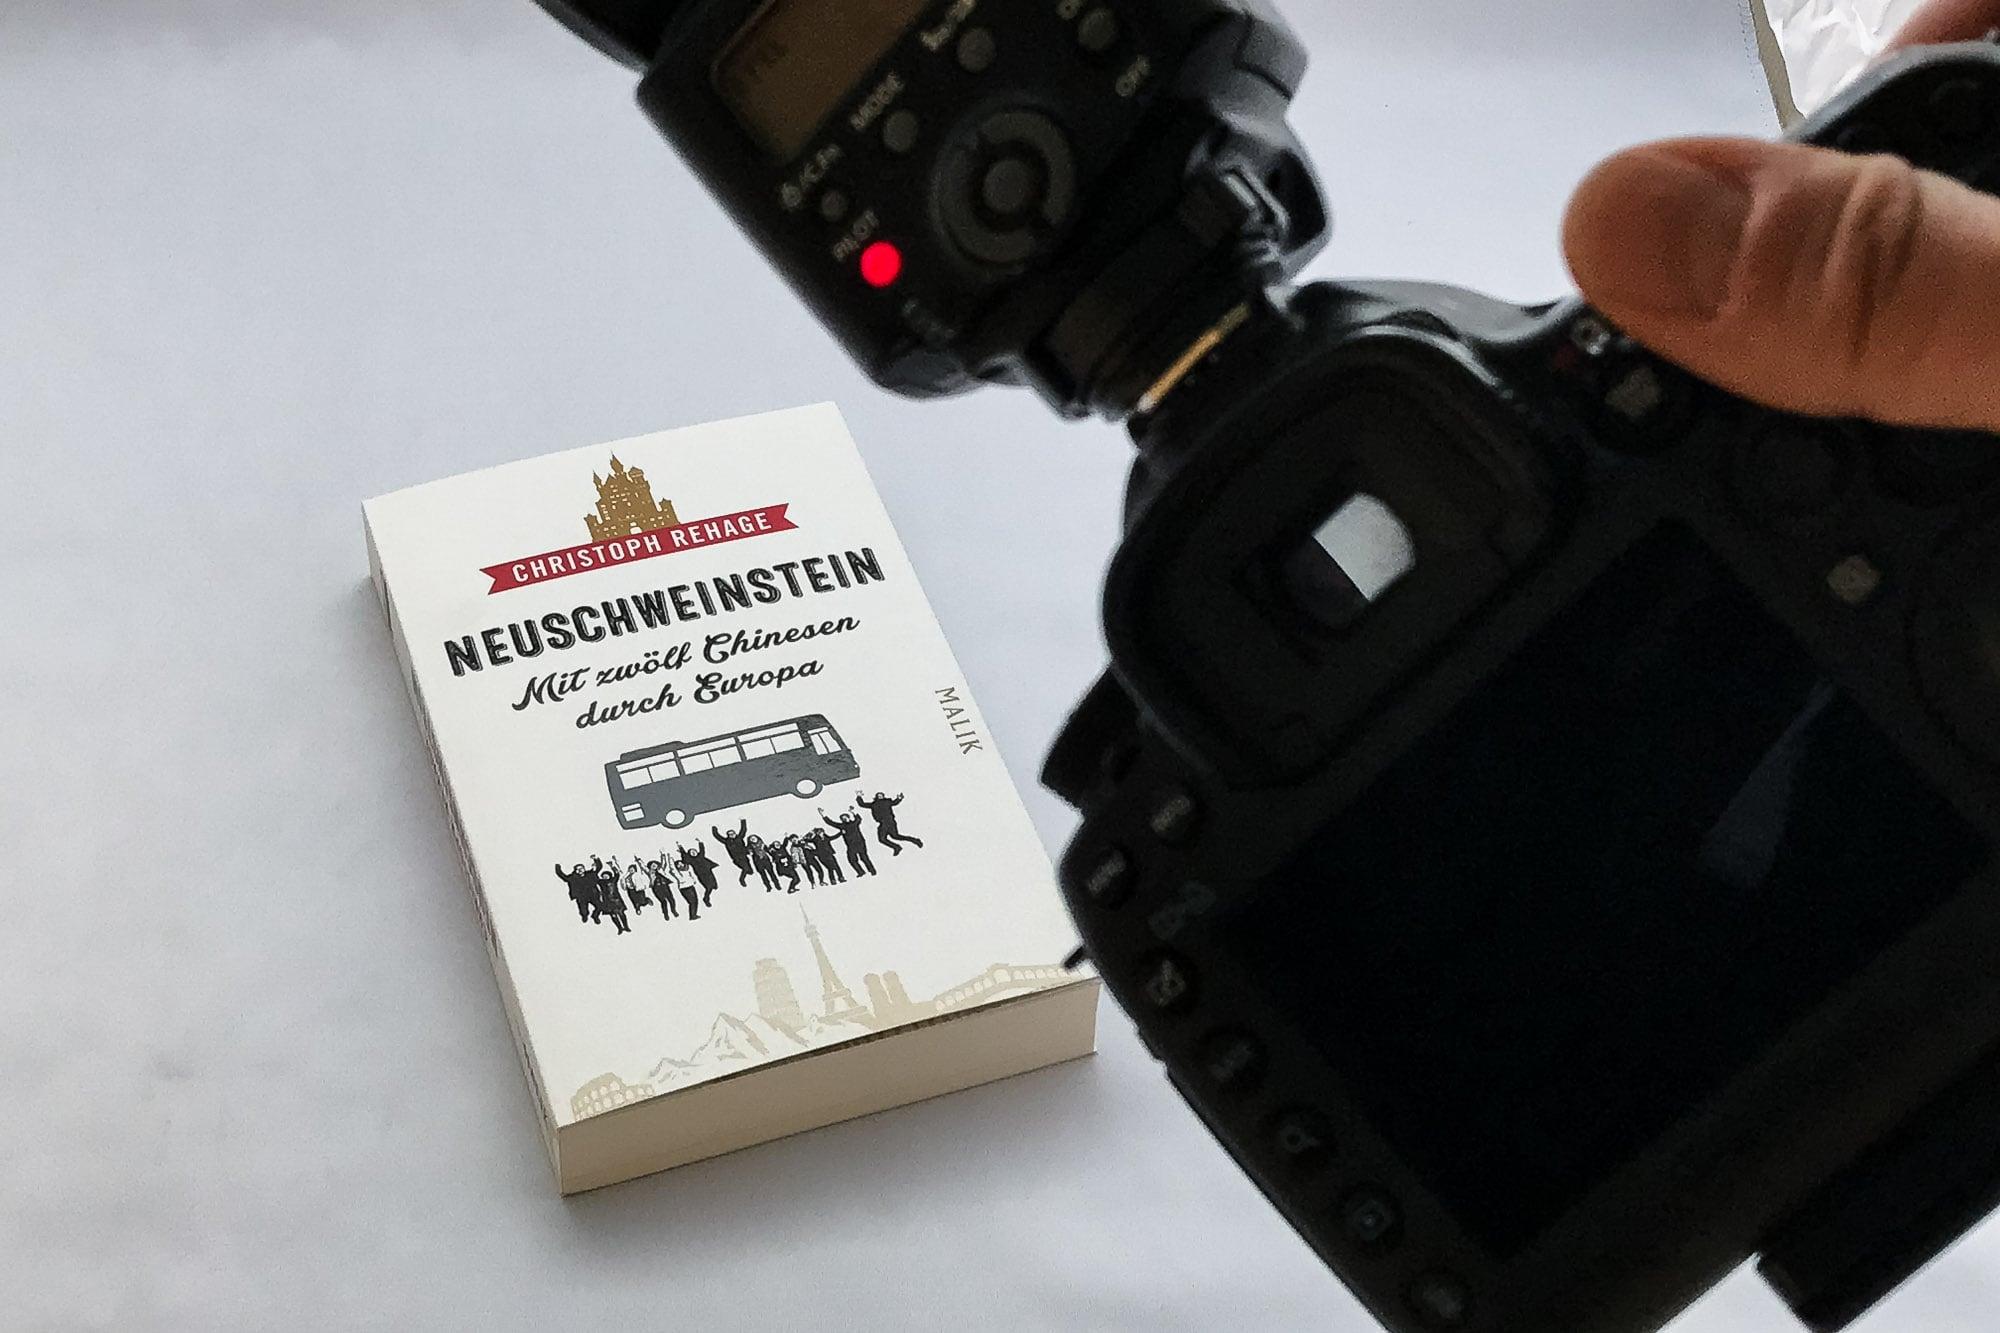 photographing Neuschweinstein